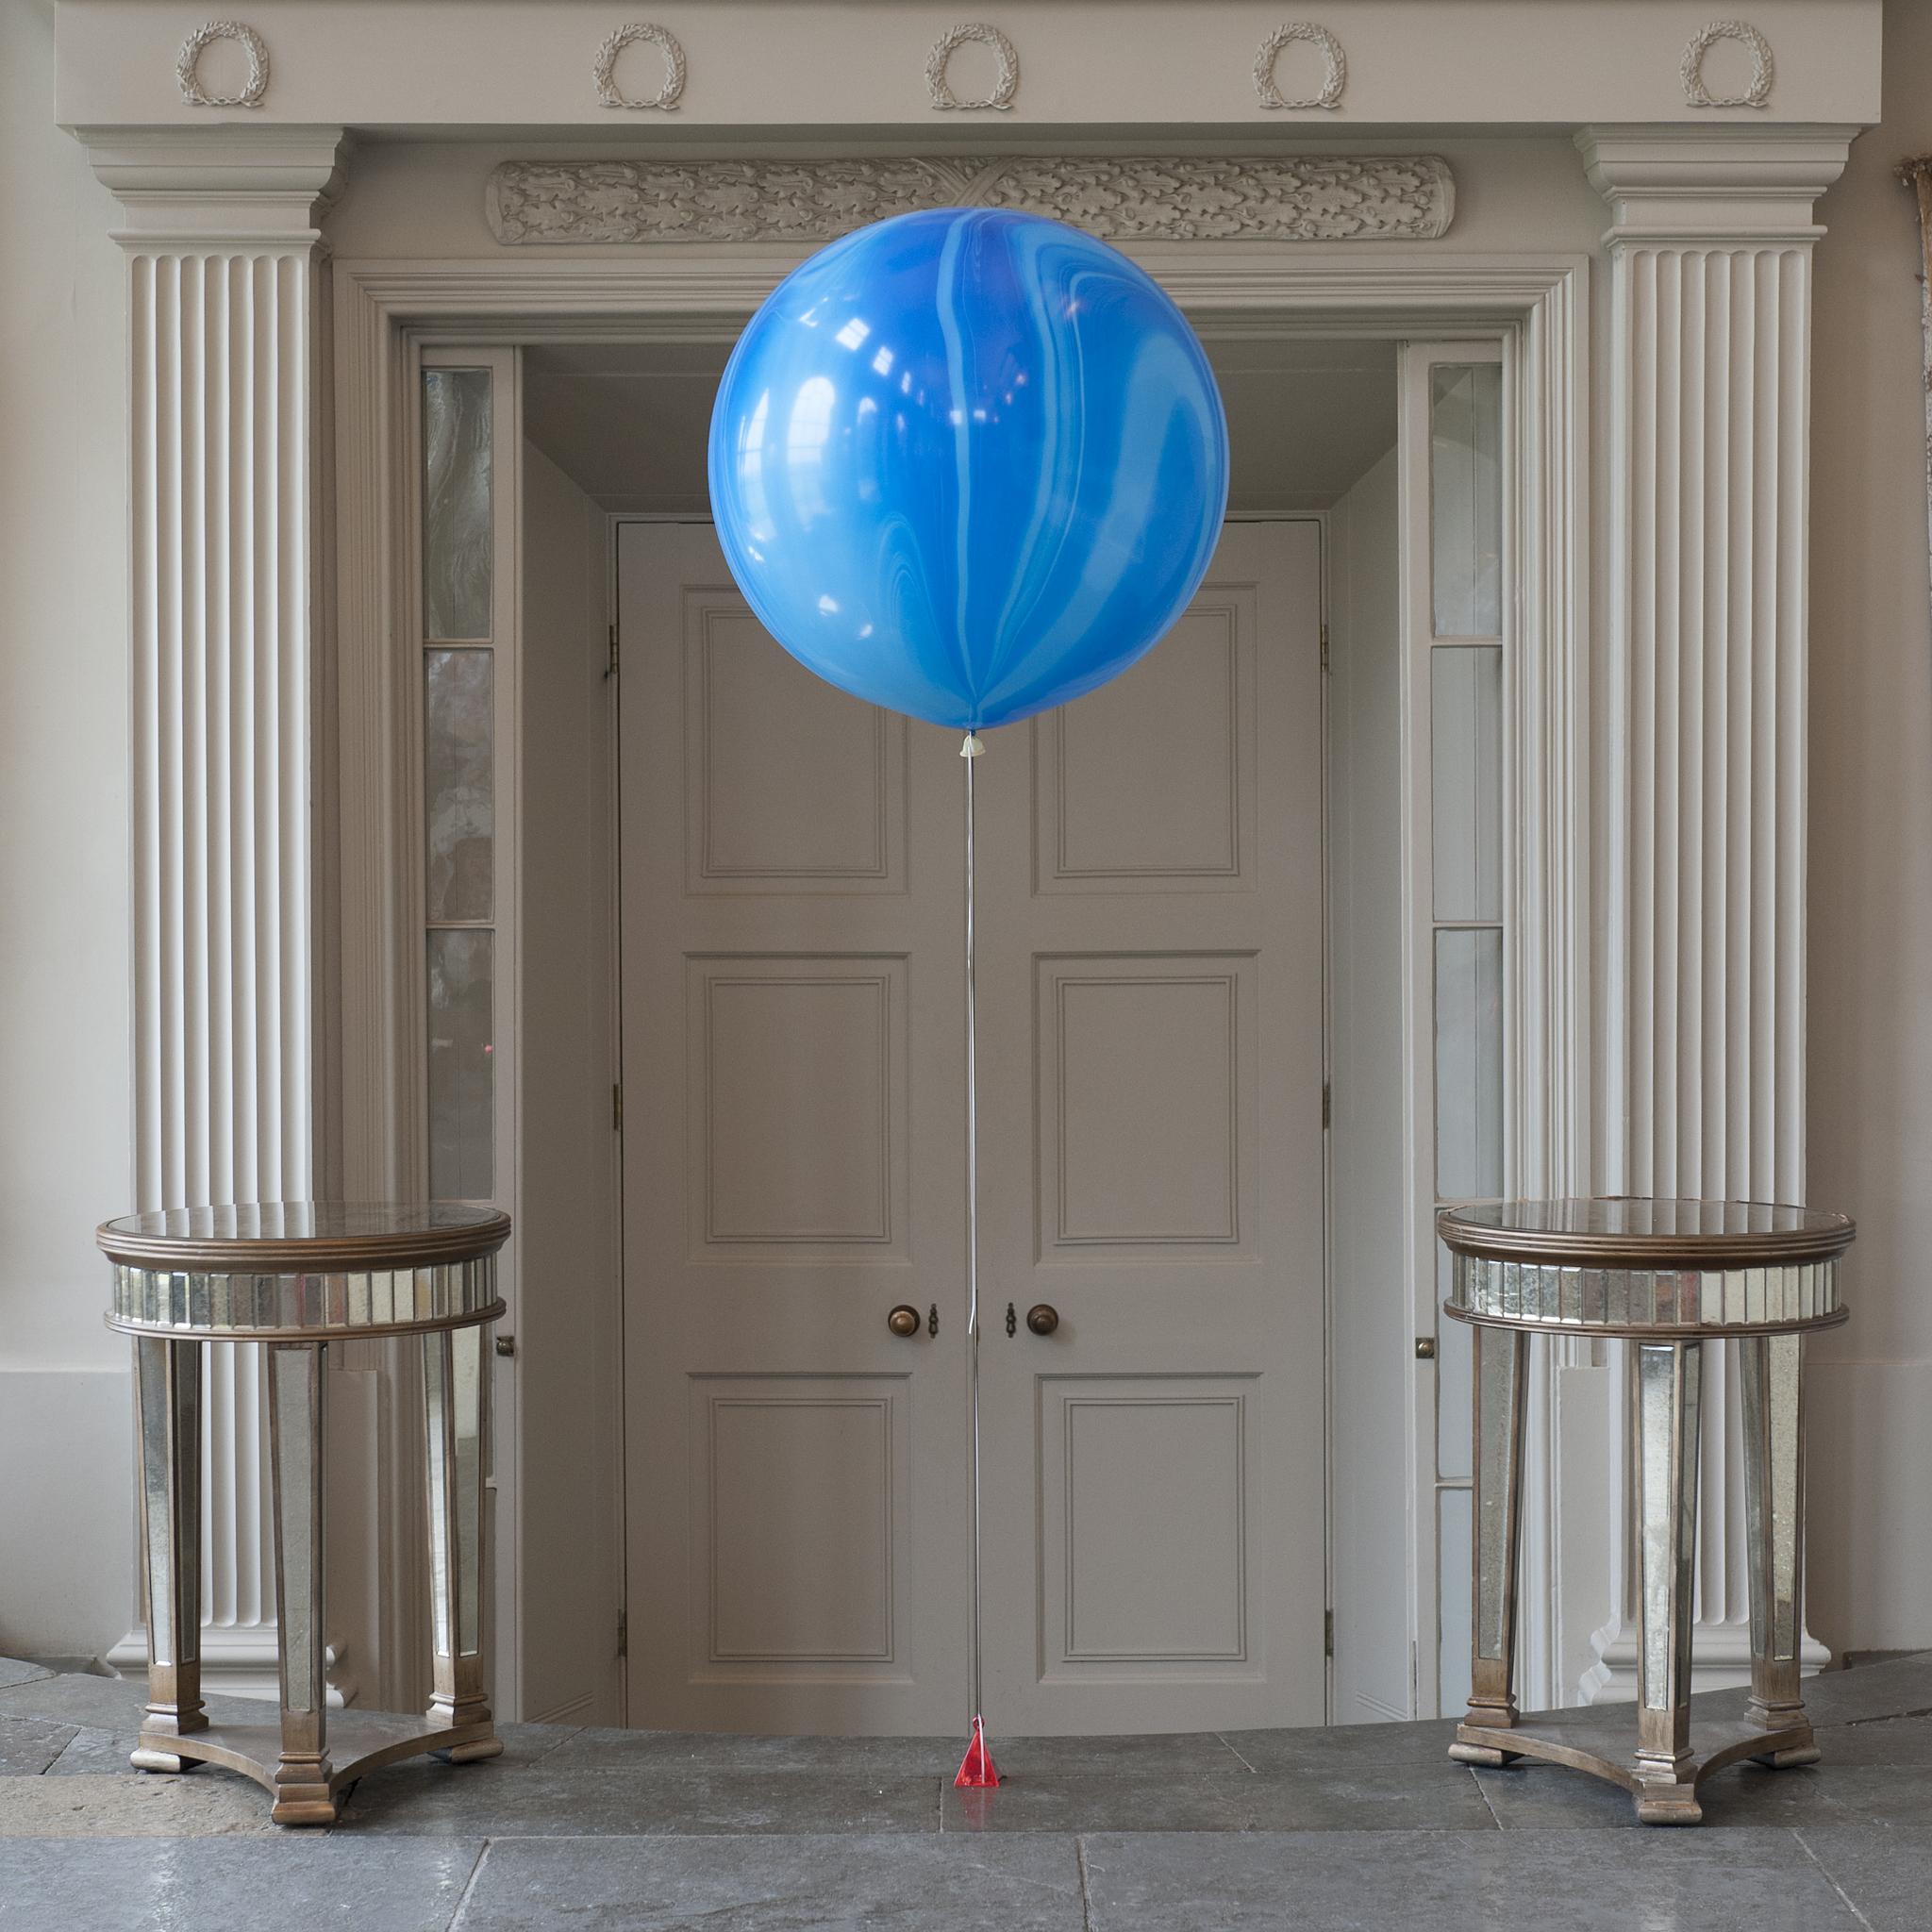 Шары на свадьбу Мраморный воздушный шар 70 см. голубой Шар-70-см-Агат-Голубой-с-Грузиком.jpg